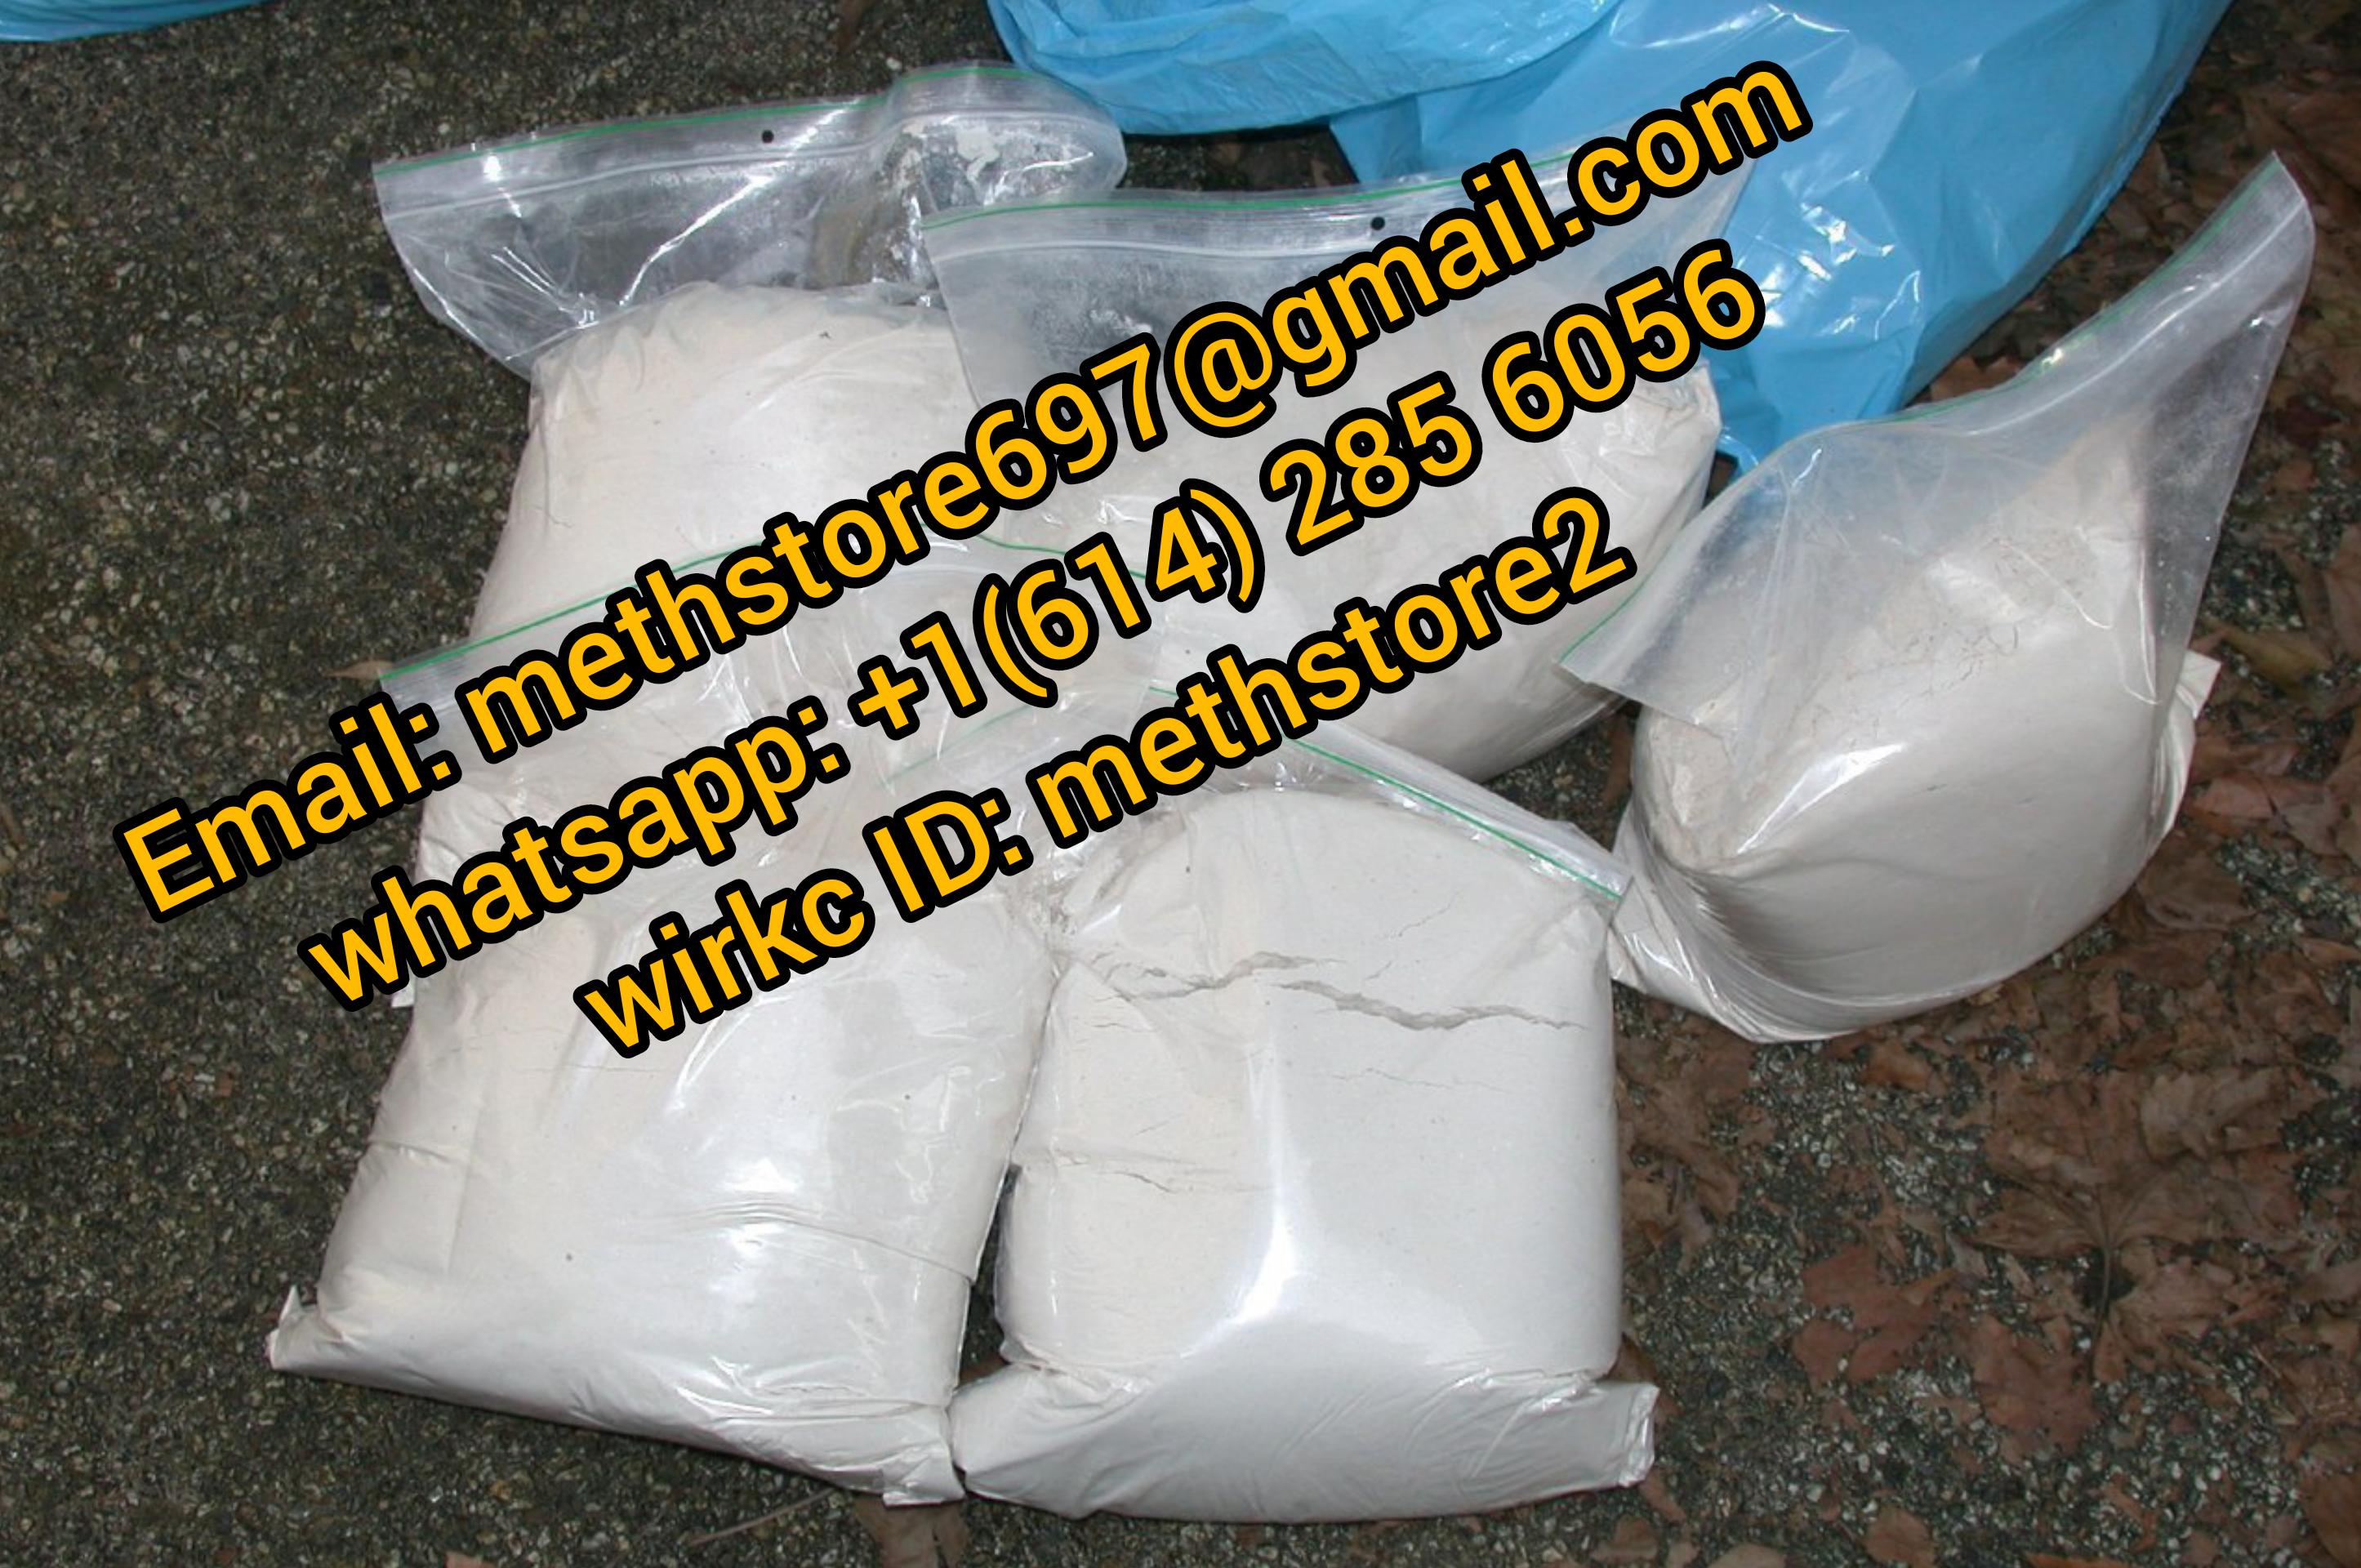 Buy 5F-MDMB-2201,  5fmdmb2201, 5f-mdmb-2201, orange powder 4F-ADB 4f-adb 4fadb China supplier kf-wang(at)kf-chem.com5F-MDMB-2201